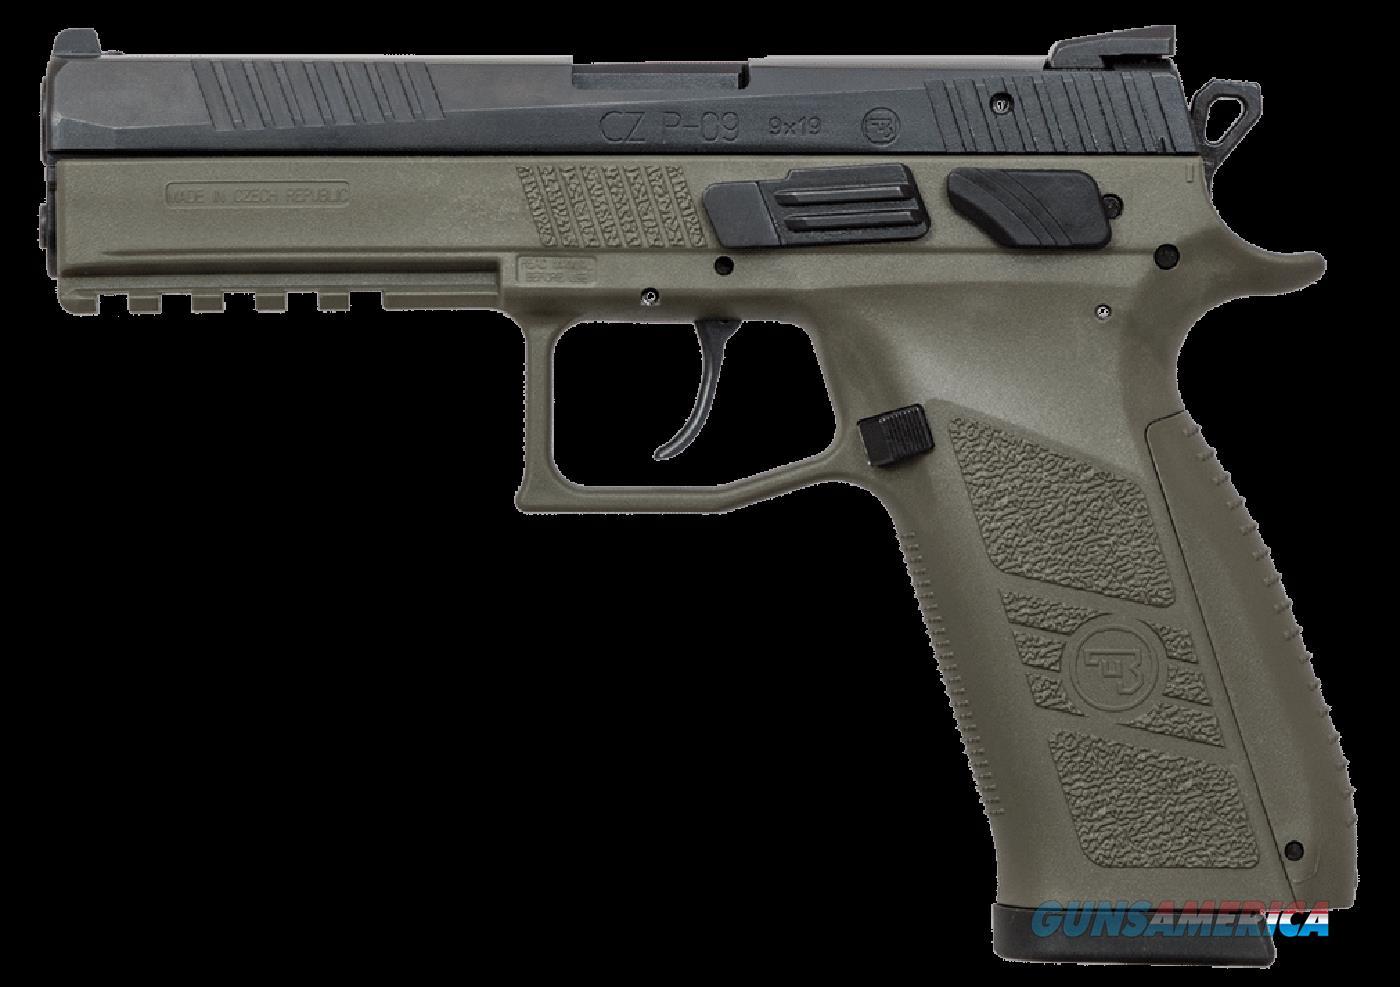 Cz P-09, Cz 01268 P09 9mm Ns Odg-blk                   10rd  Guns > Pistols > 1911 Pistol Copies (non-Colt)